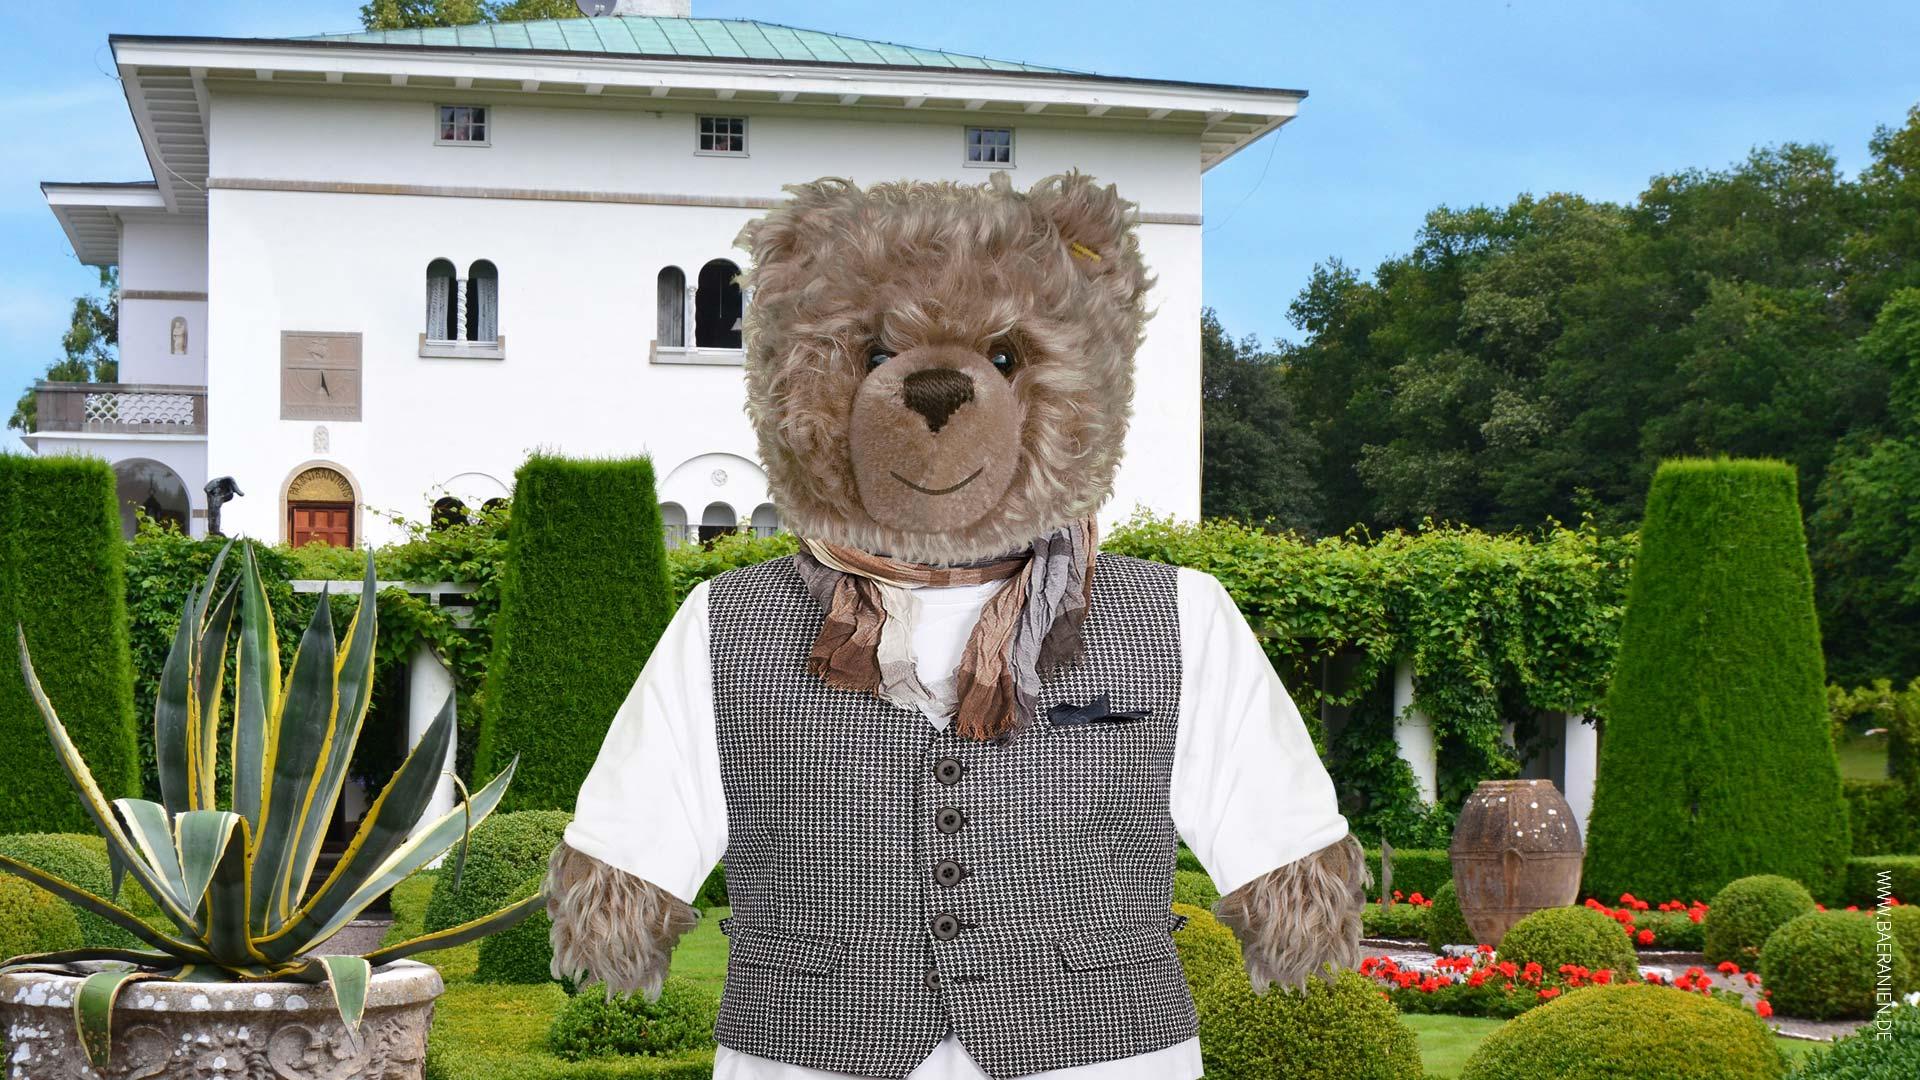 Teddy-König Opa zu Besuch auf Schloss Solliden beim schwedischen Königspaar